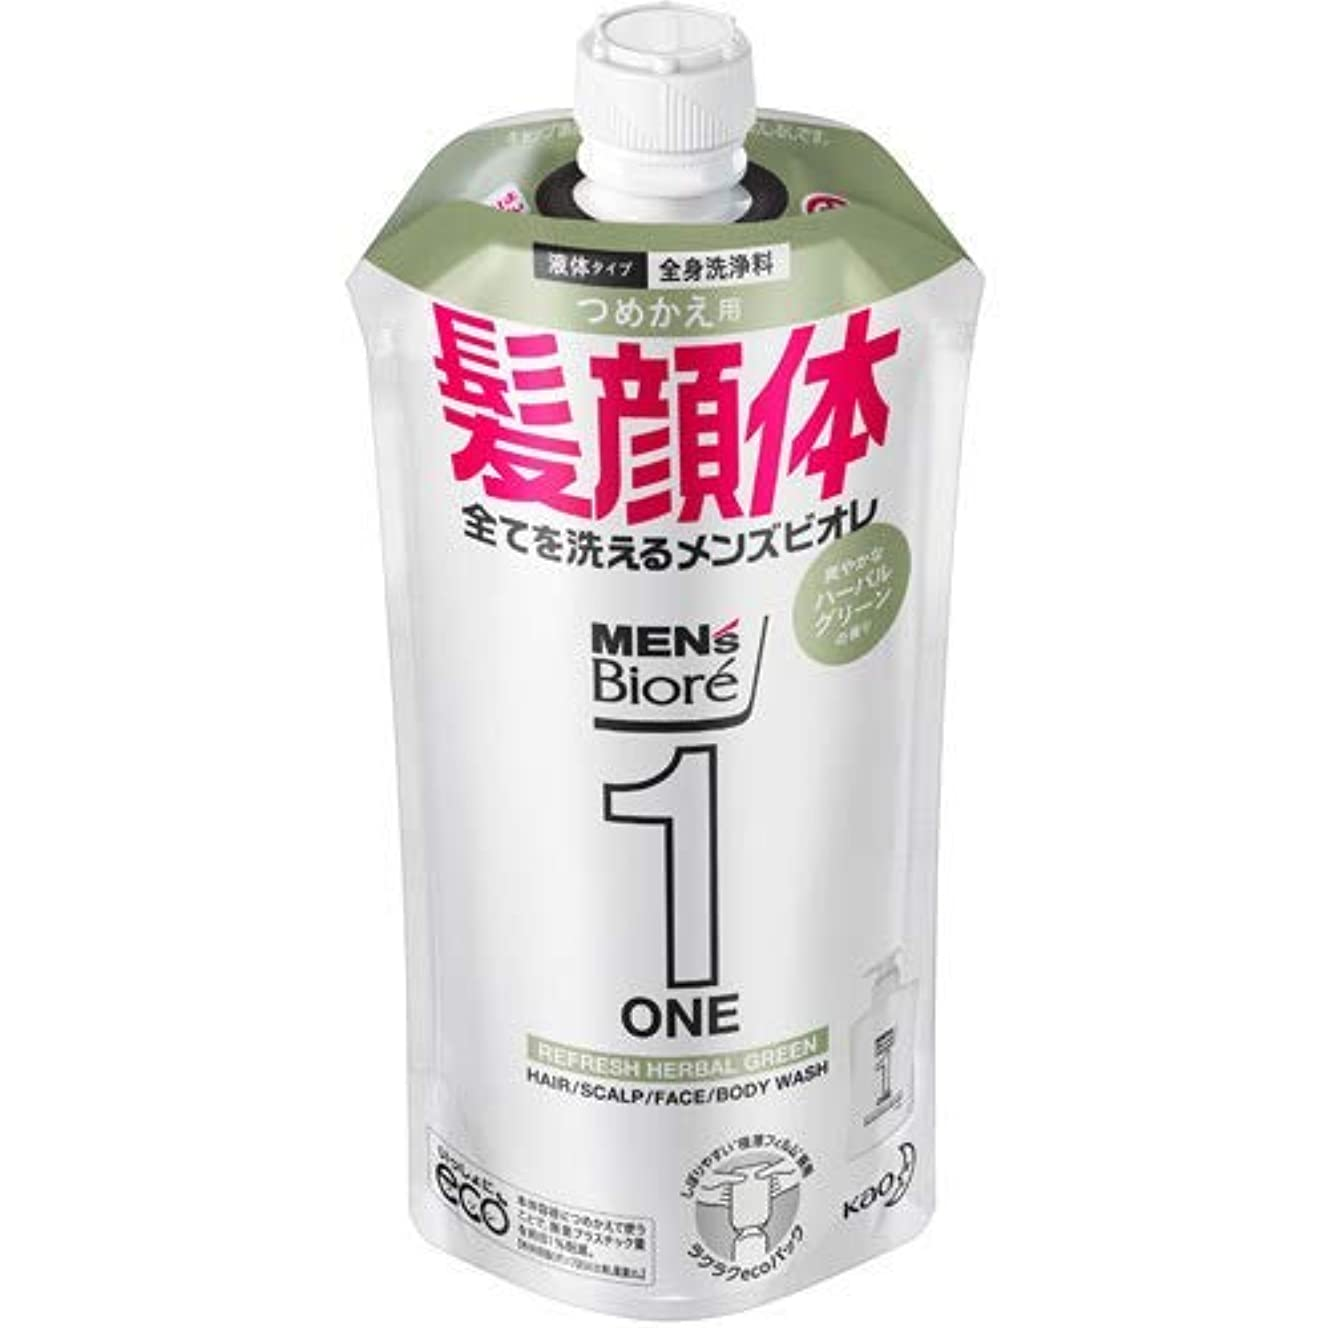 またはどちらか何十人もゆでる【10個セット】メンズビオレONE オールインワン全身洗浄料 爽やかなハーブルグリーンの香り つめかえ用 340mL